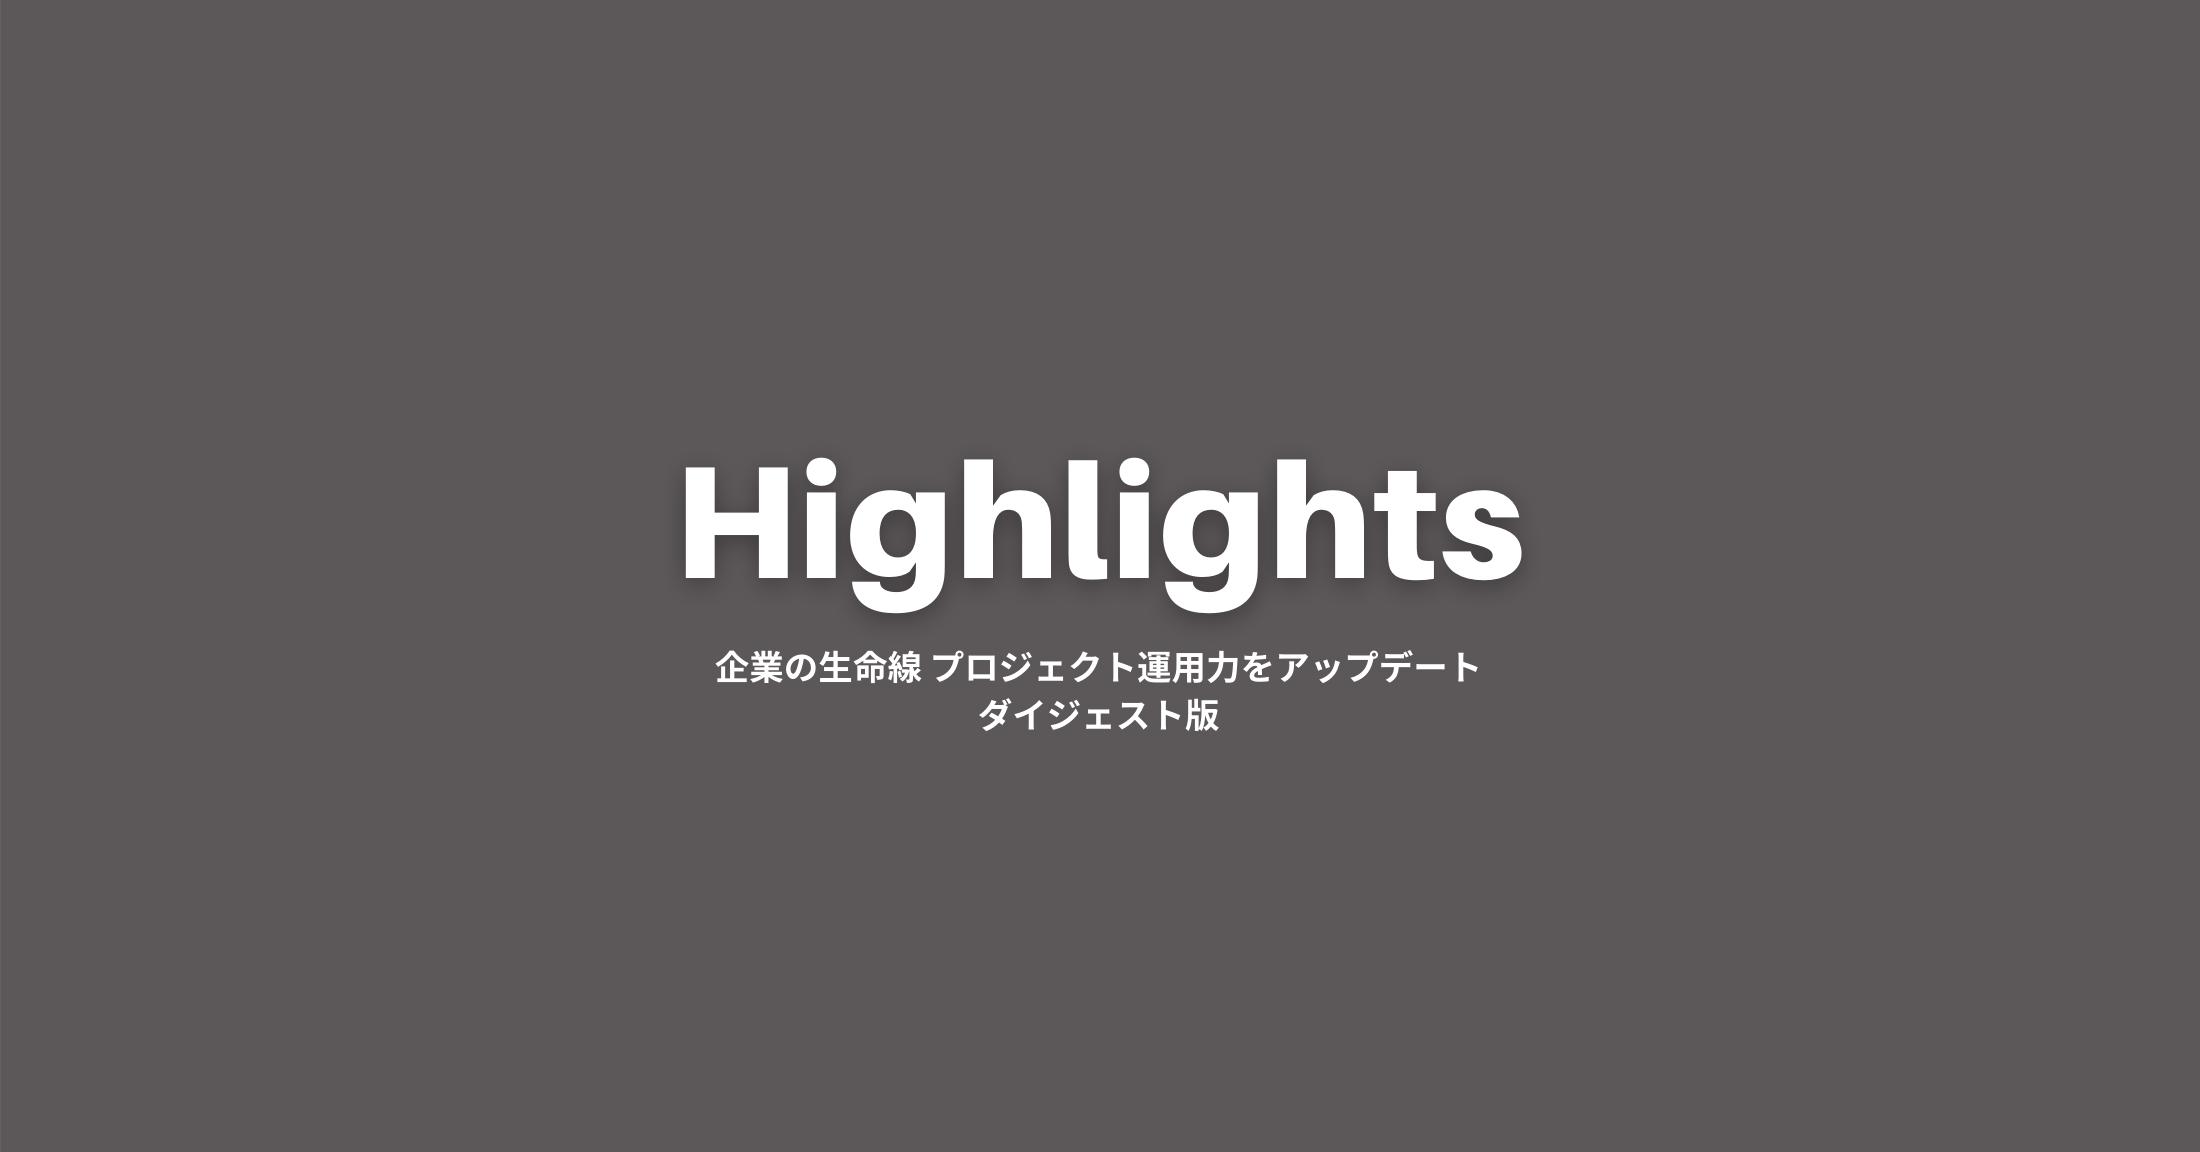 ウェビナーダイジェスト動画公開と次回イベントのお知らせ